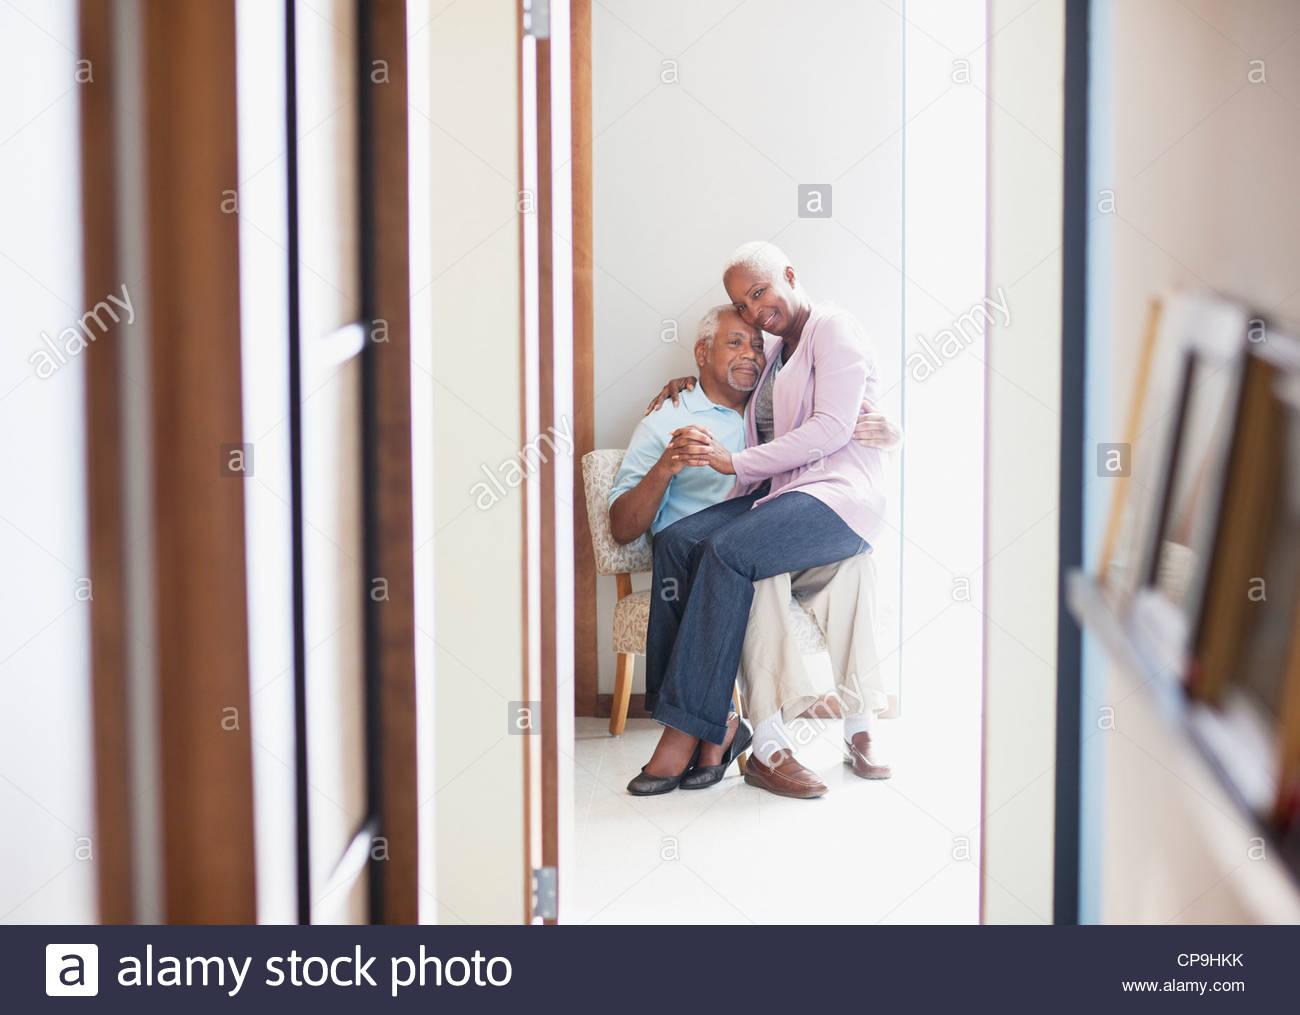 konzentrieren Sie 55-59, 60-64 Jahre, Zuneigung, Altern, kleben, Freizeitkleidung, Farbbild, Verbindung, Tag, Hingabe, Stockbild